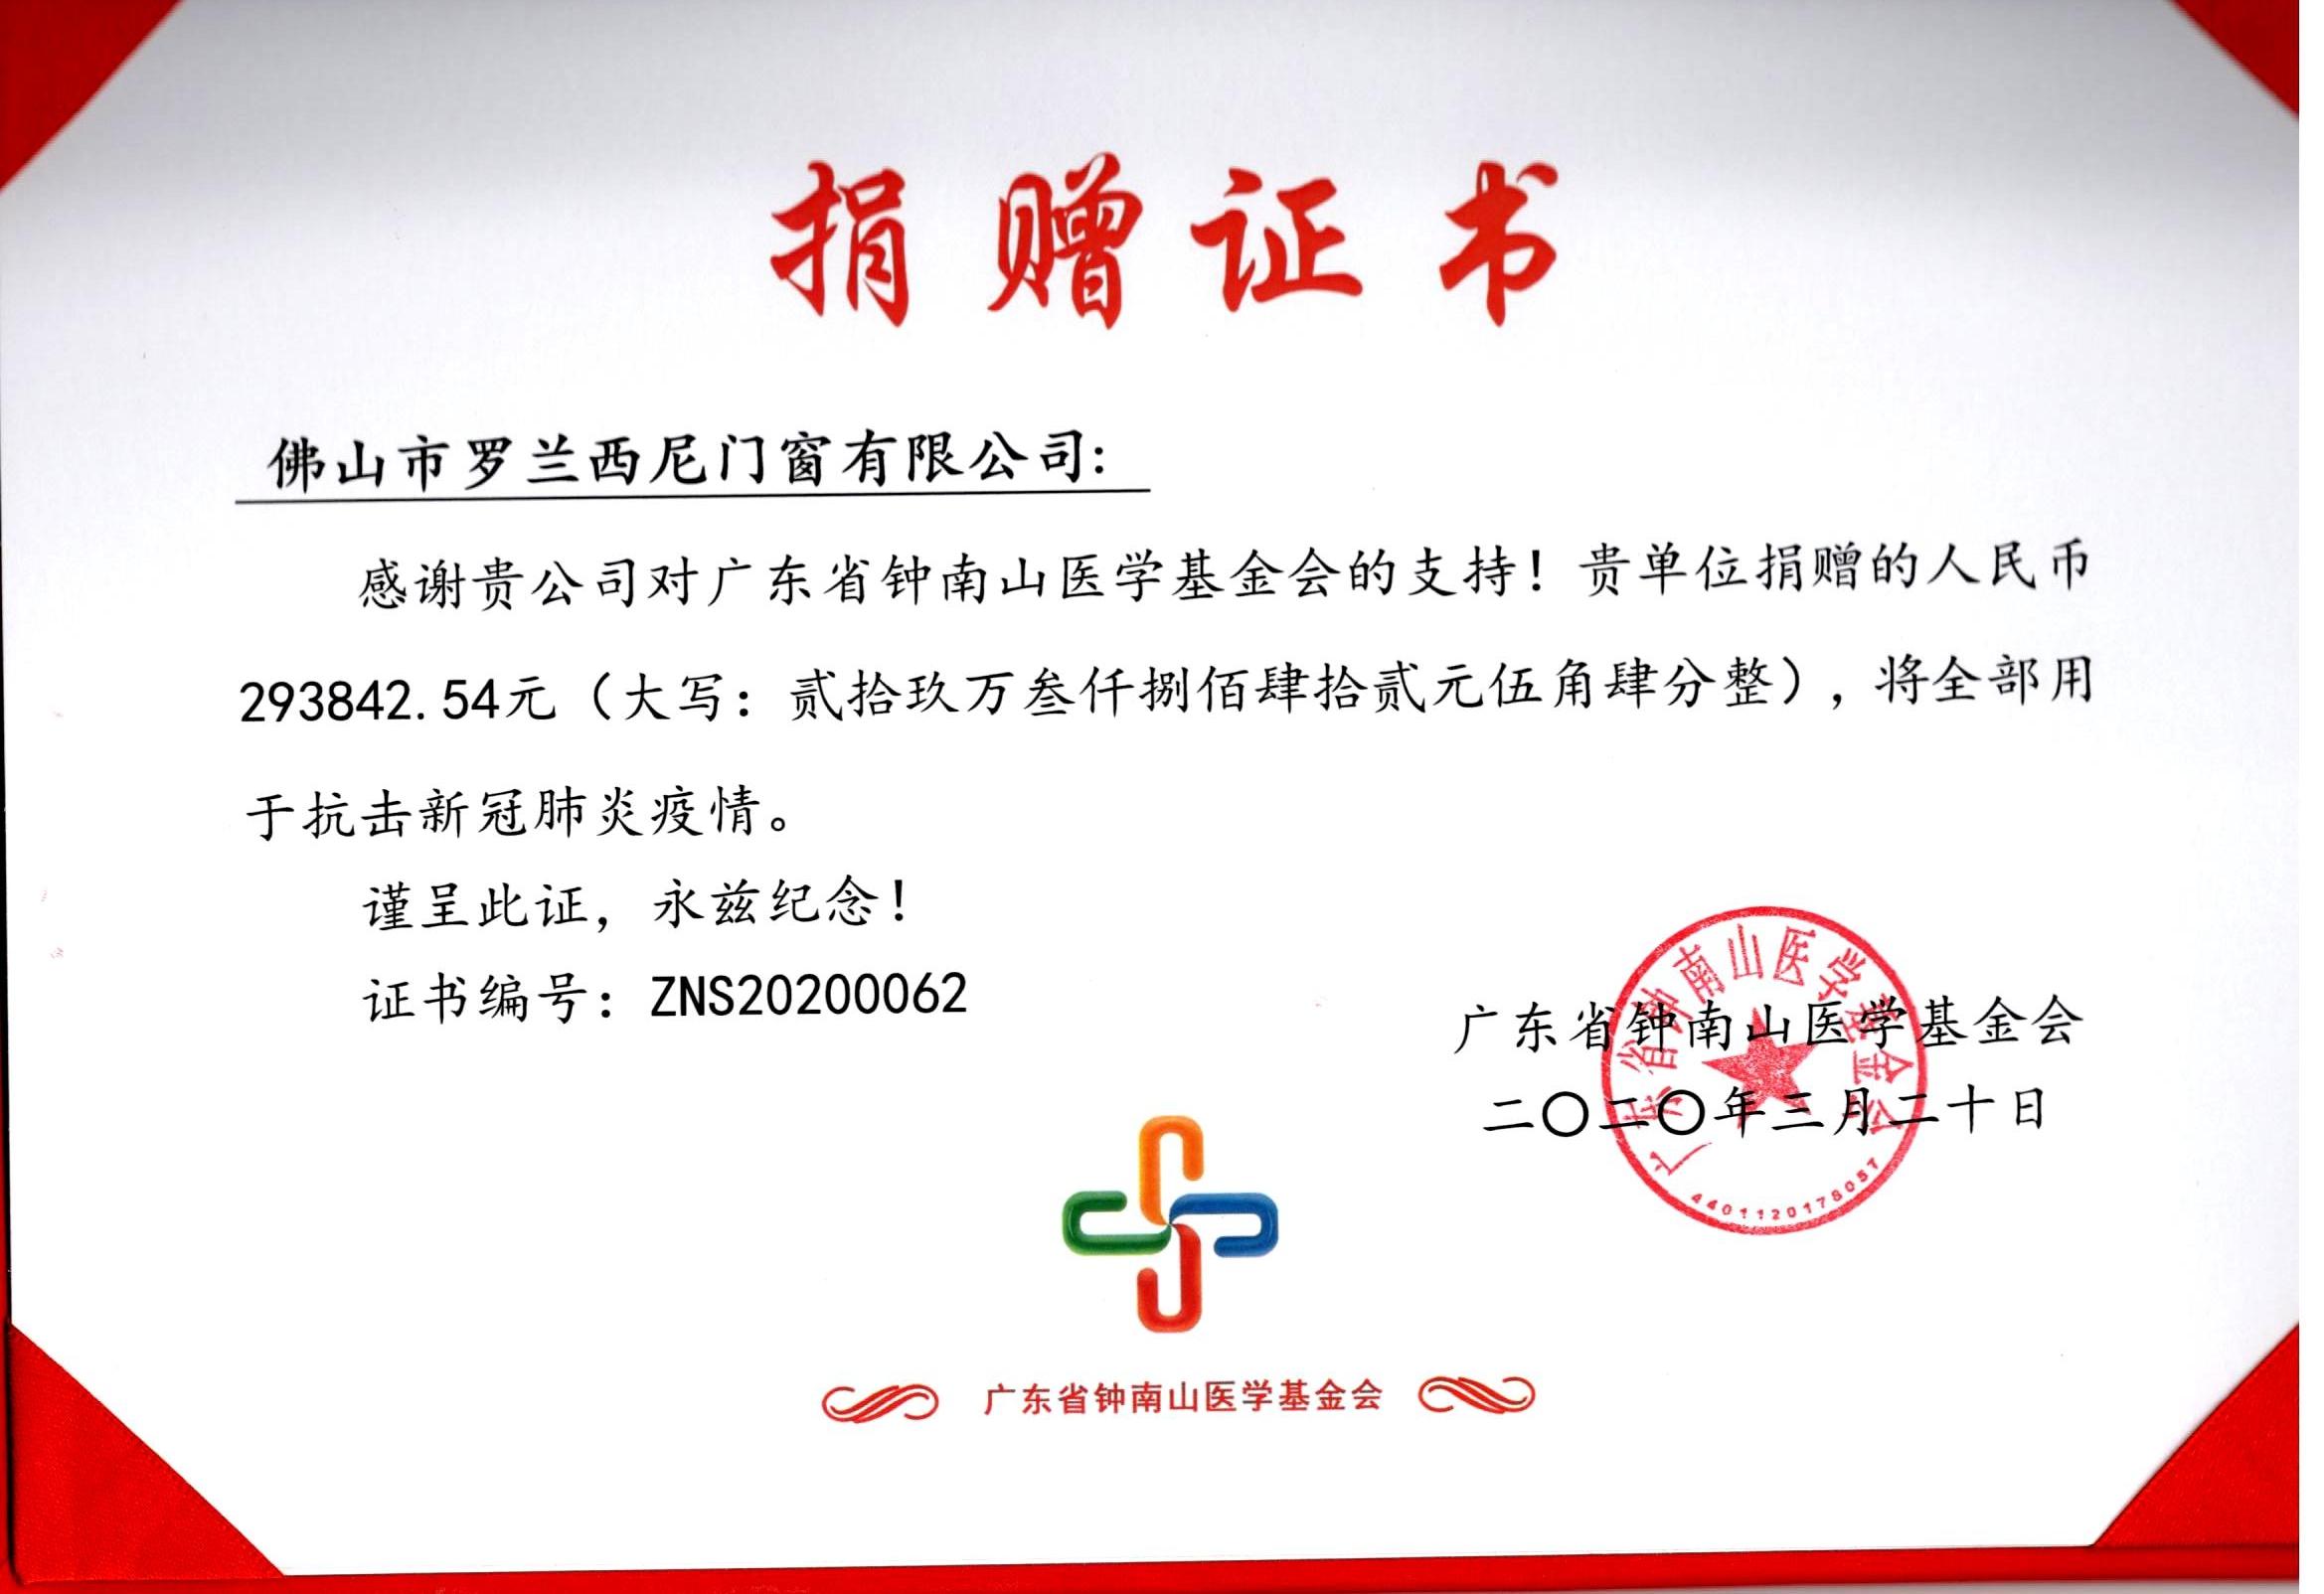 罗兰西尼被钟南山医学基金会授予抗击新冠肺炎疫情公益爱心单位